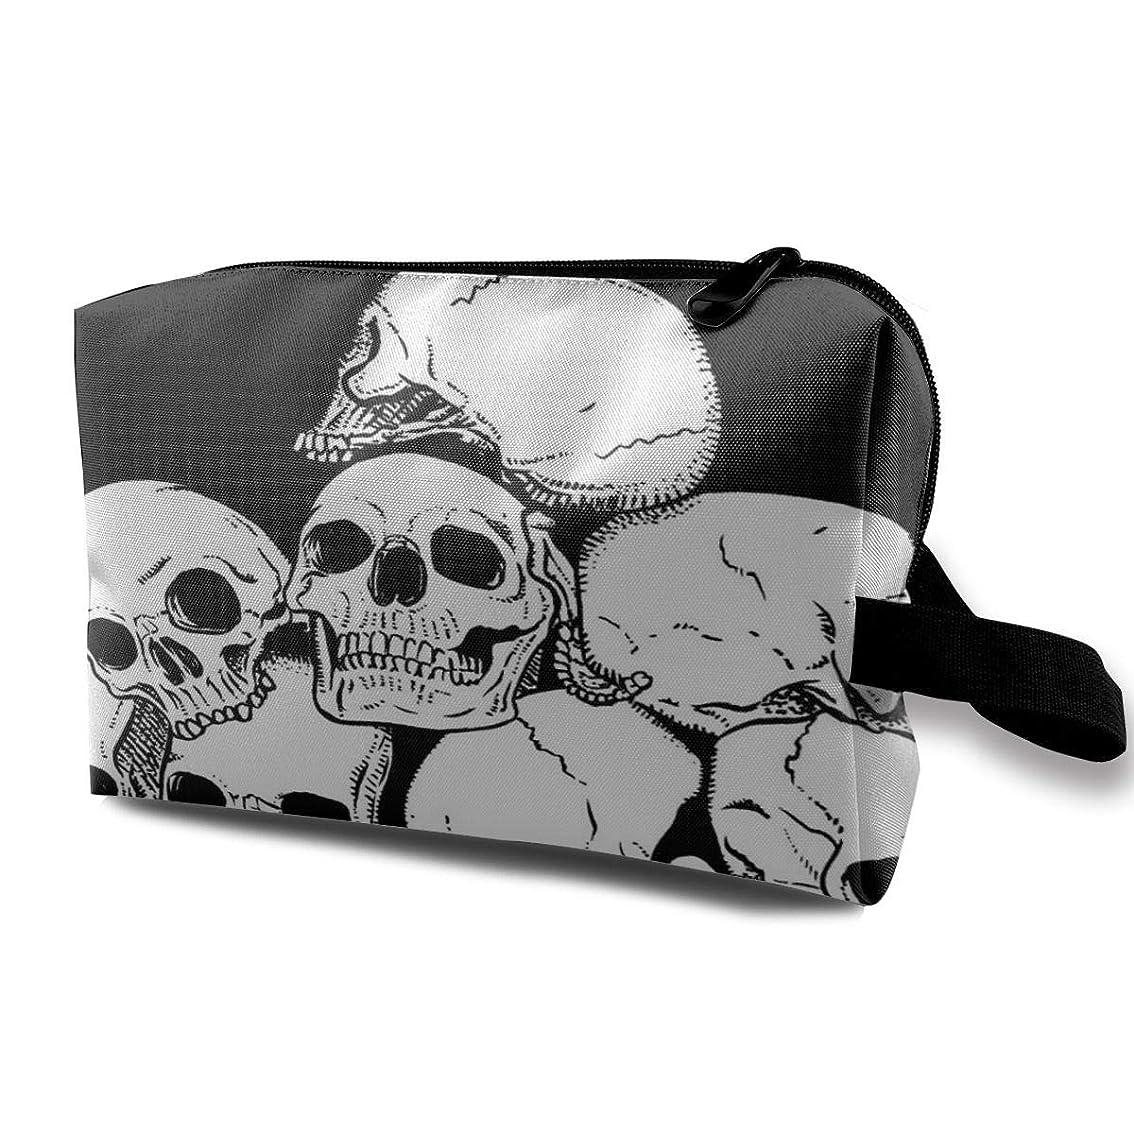 制限広範囲よりWhite Skull With Black Background 収納ポーチ 化粧ポーチ 大容量 軽量 耐久性 ハンドル付持ち運び便利。入れ 自宅?出張?旅行?アウトドア撮影などに対応。メンズ レディース トラベルグッズ